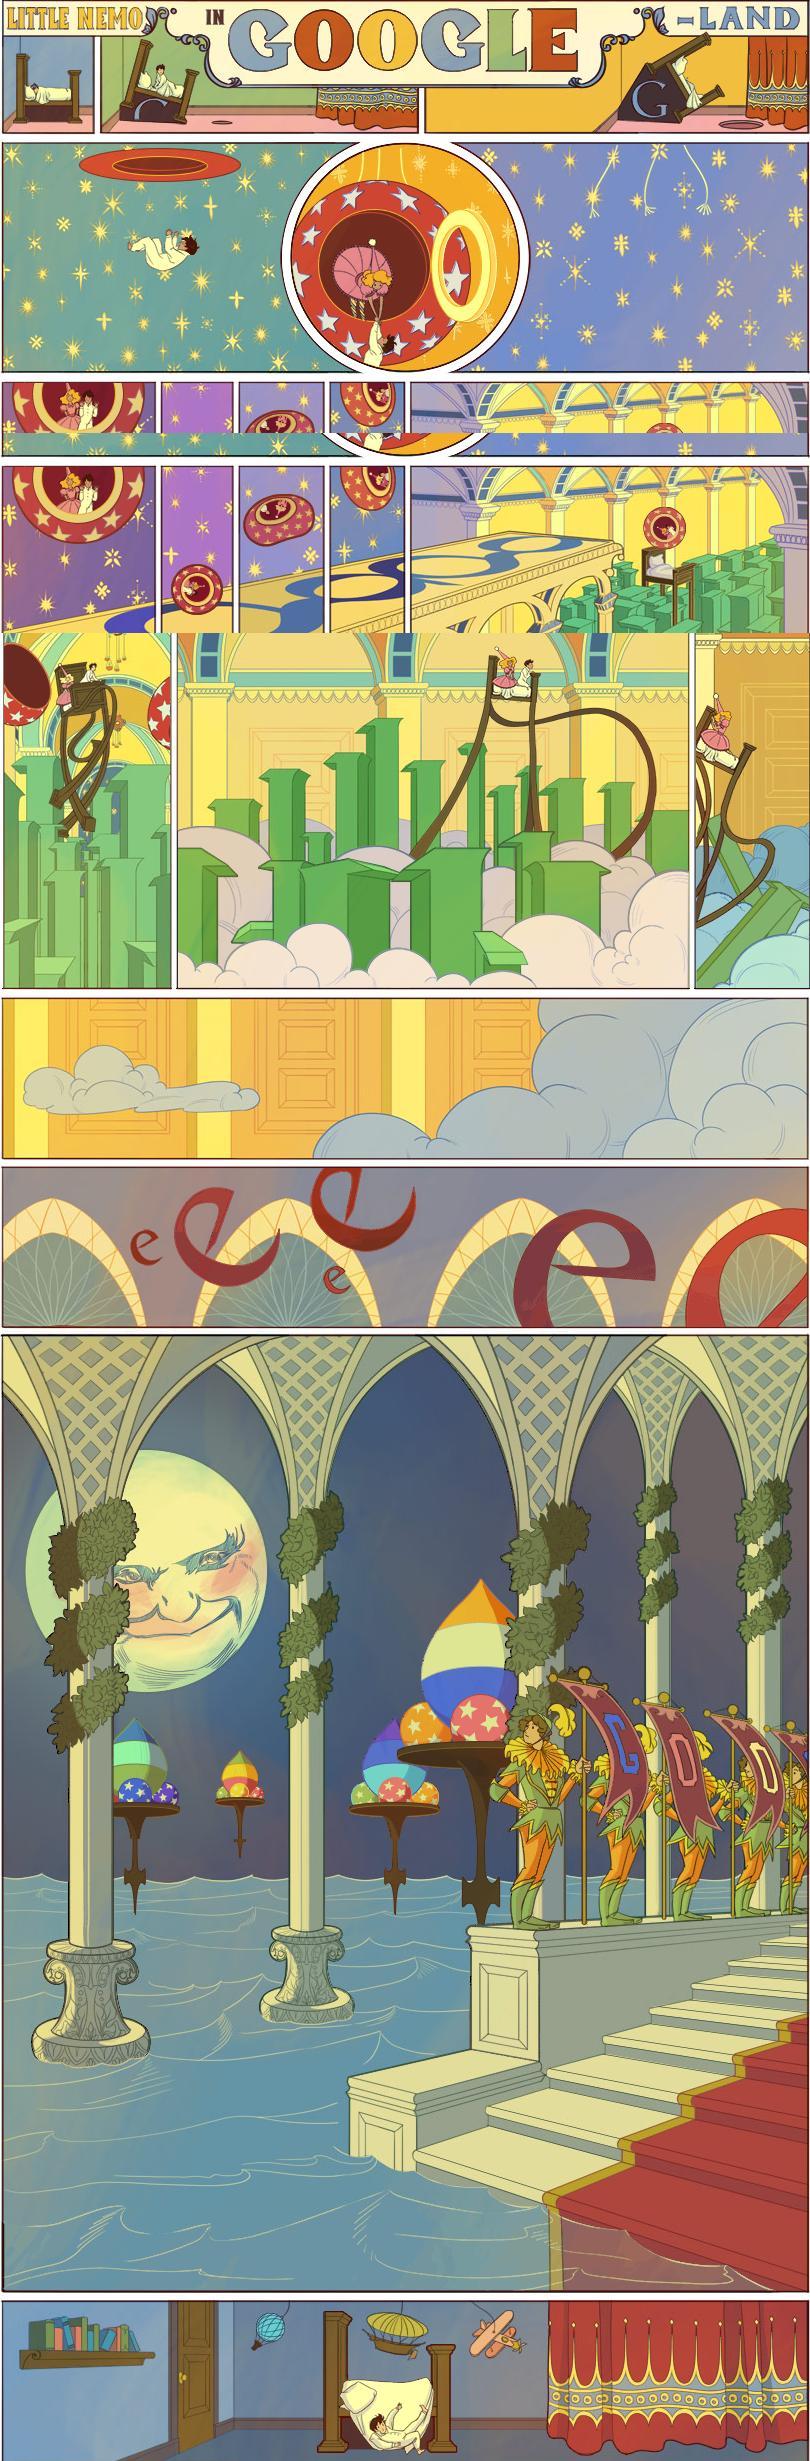 """Logo Google hôm nay: Kỷ niệm 107 năm bộ truyện tranh """"Little Nemo"""" của Winsor McCay"""